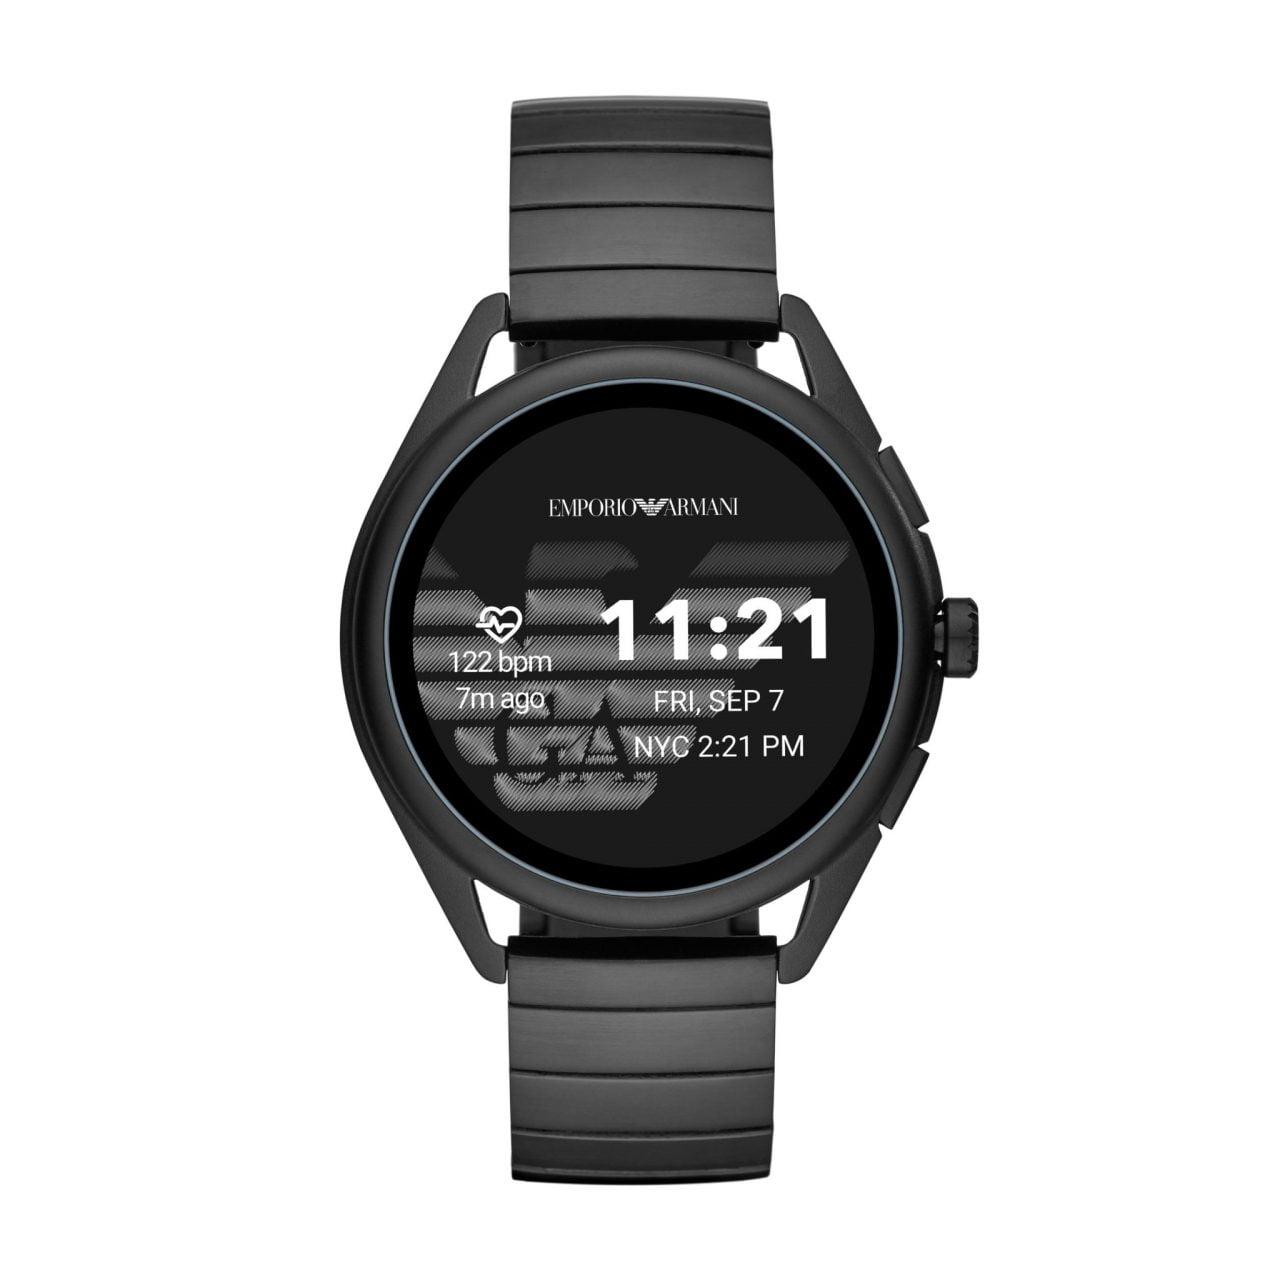 Emporio Armani svela la nuova generazione di smartwatch touchscreen 3